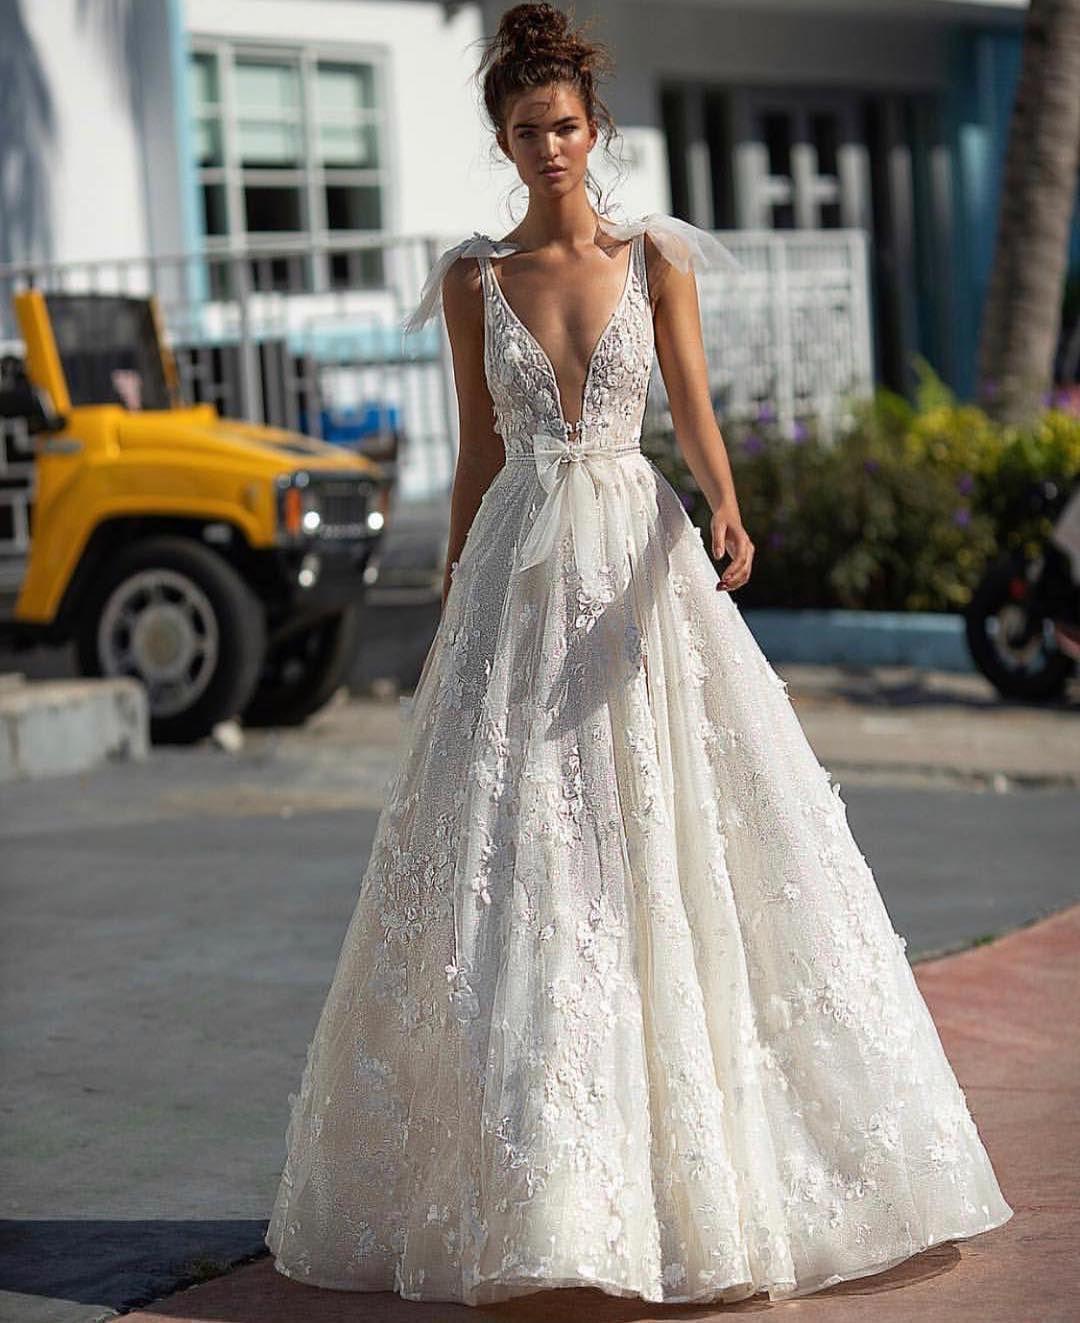 b9cd89711 Vestido #Berta - Coleção Miami! 👰🏻 | Vestidos de Noiva / Wedding ...